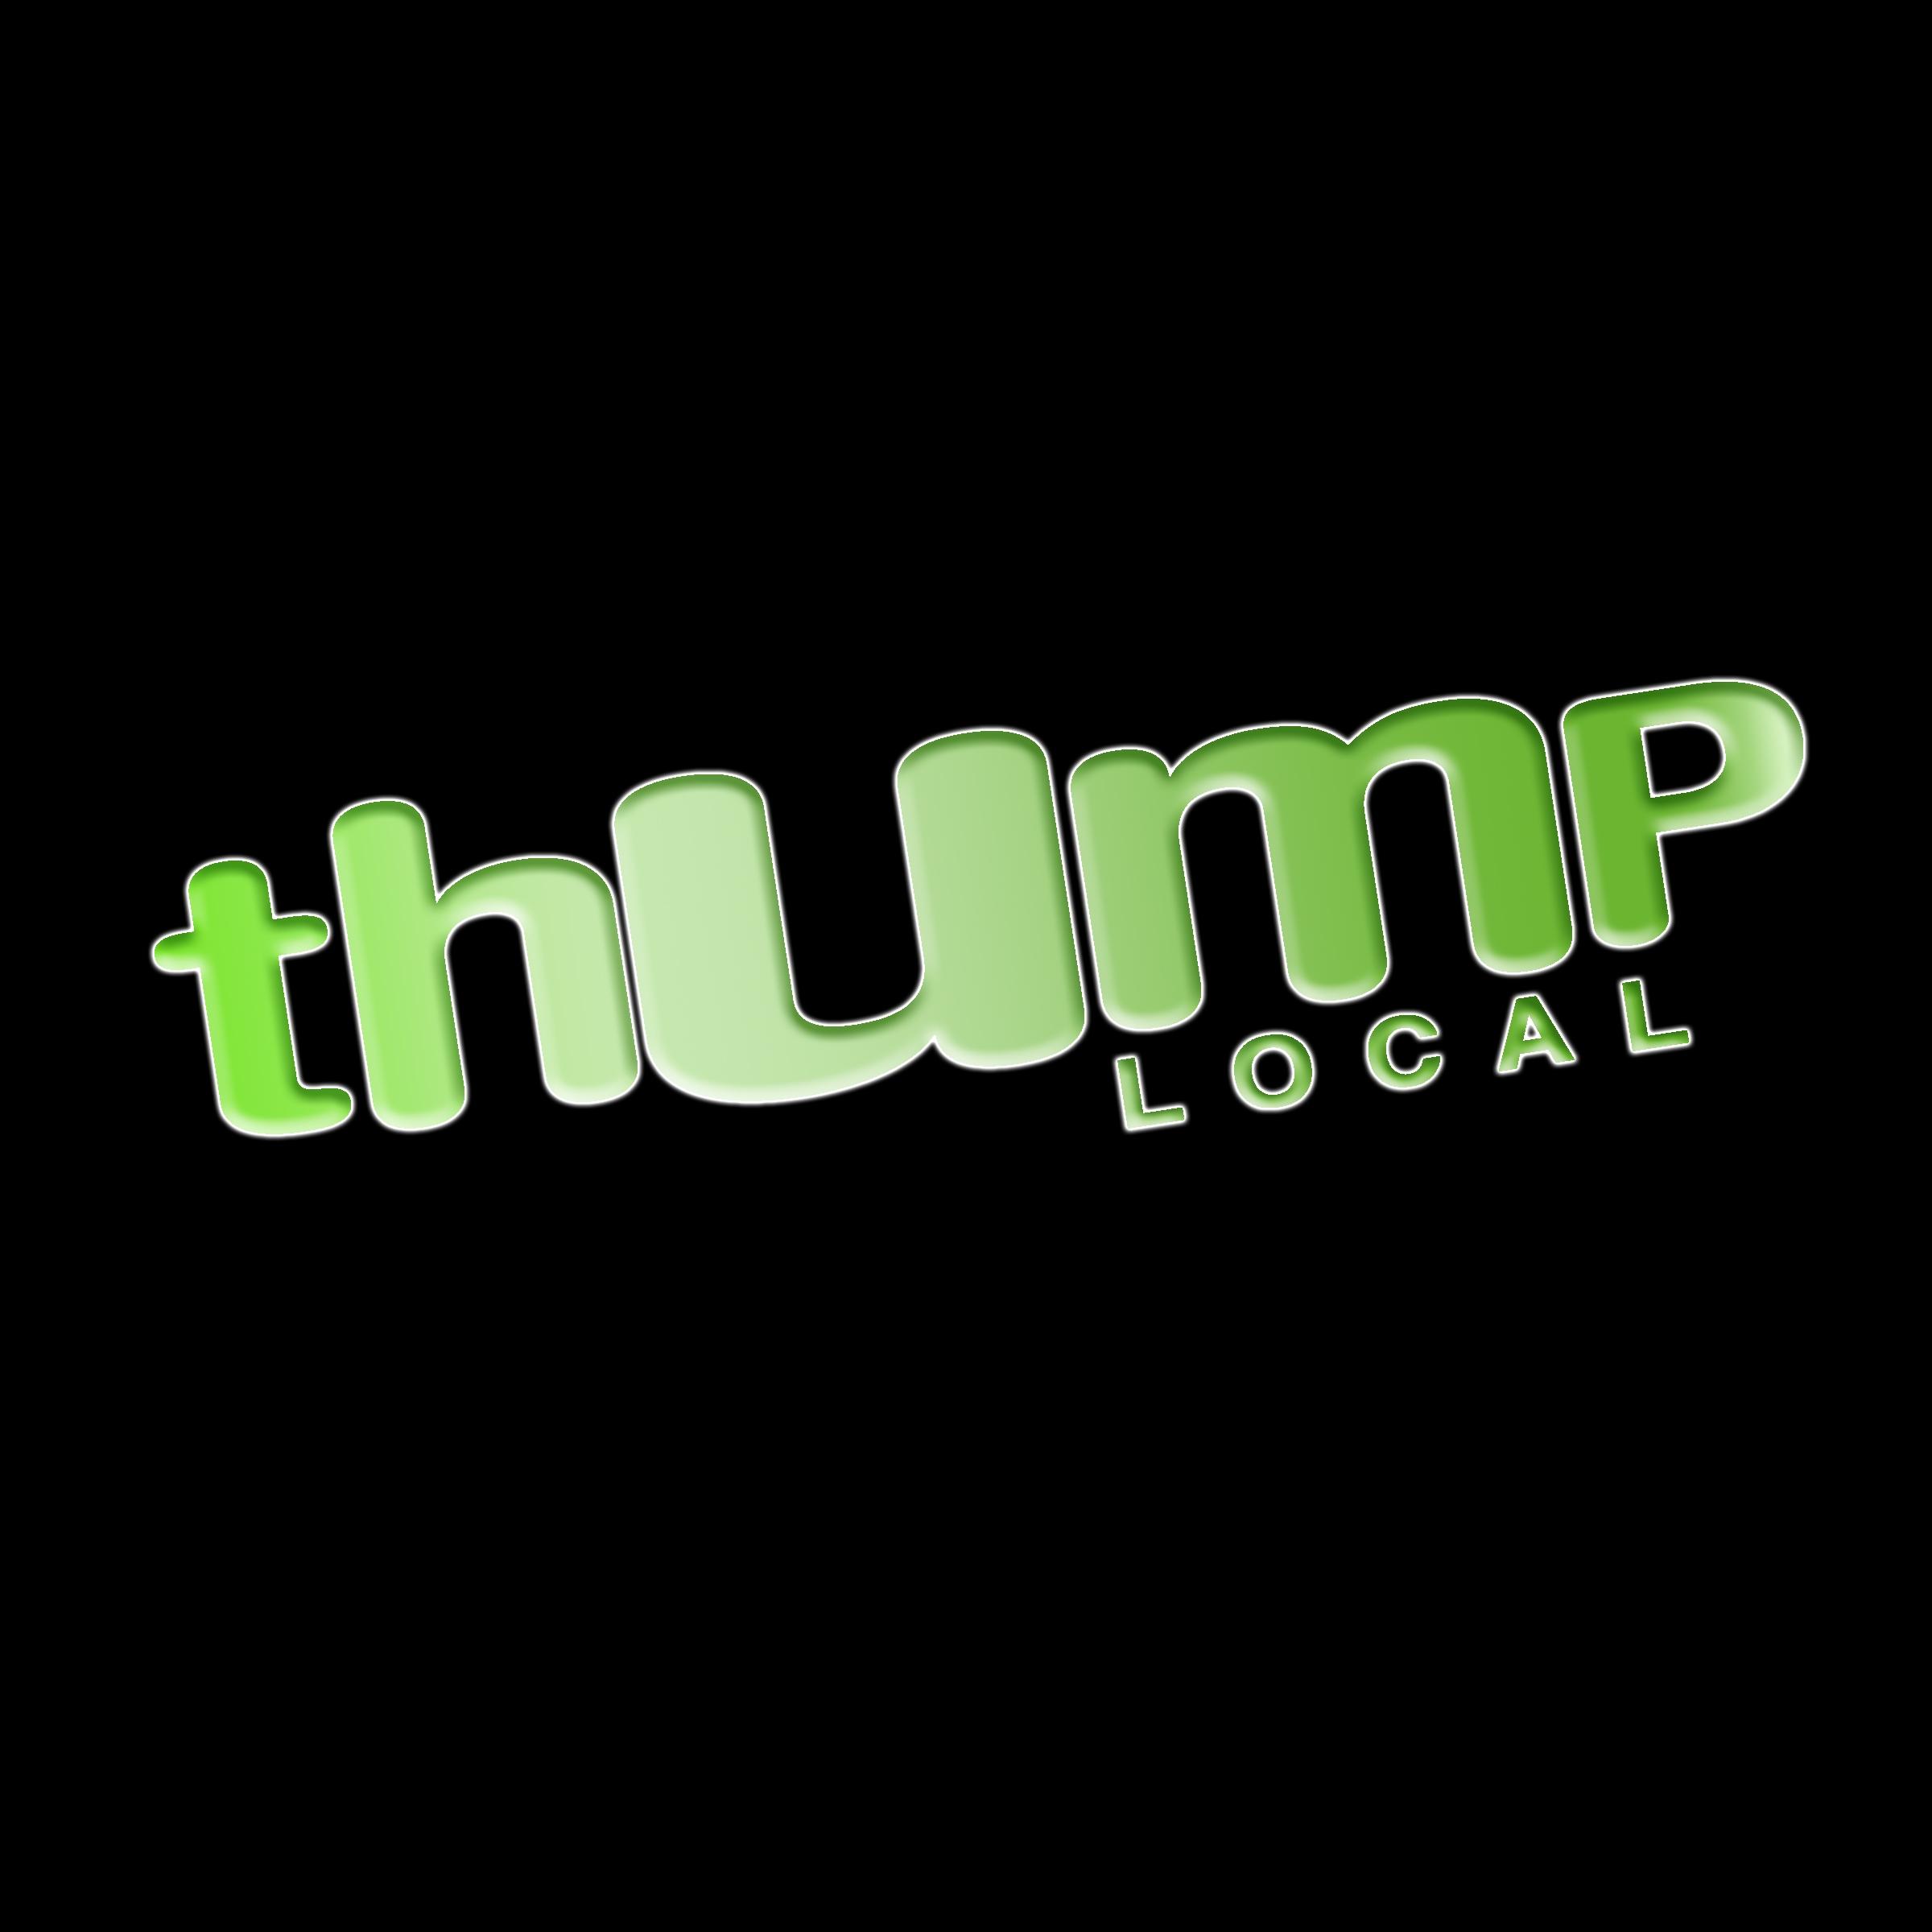 Thump Local, LLC